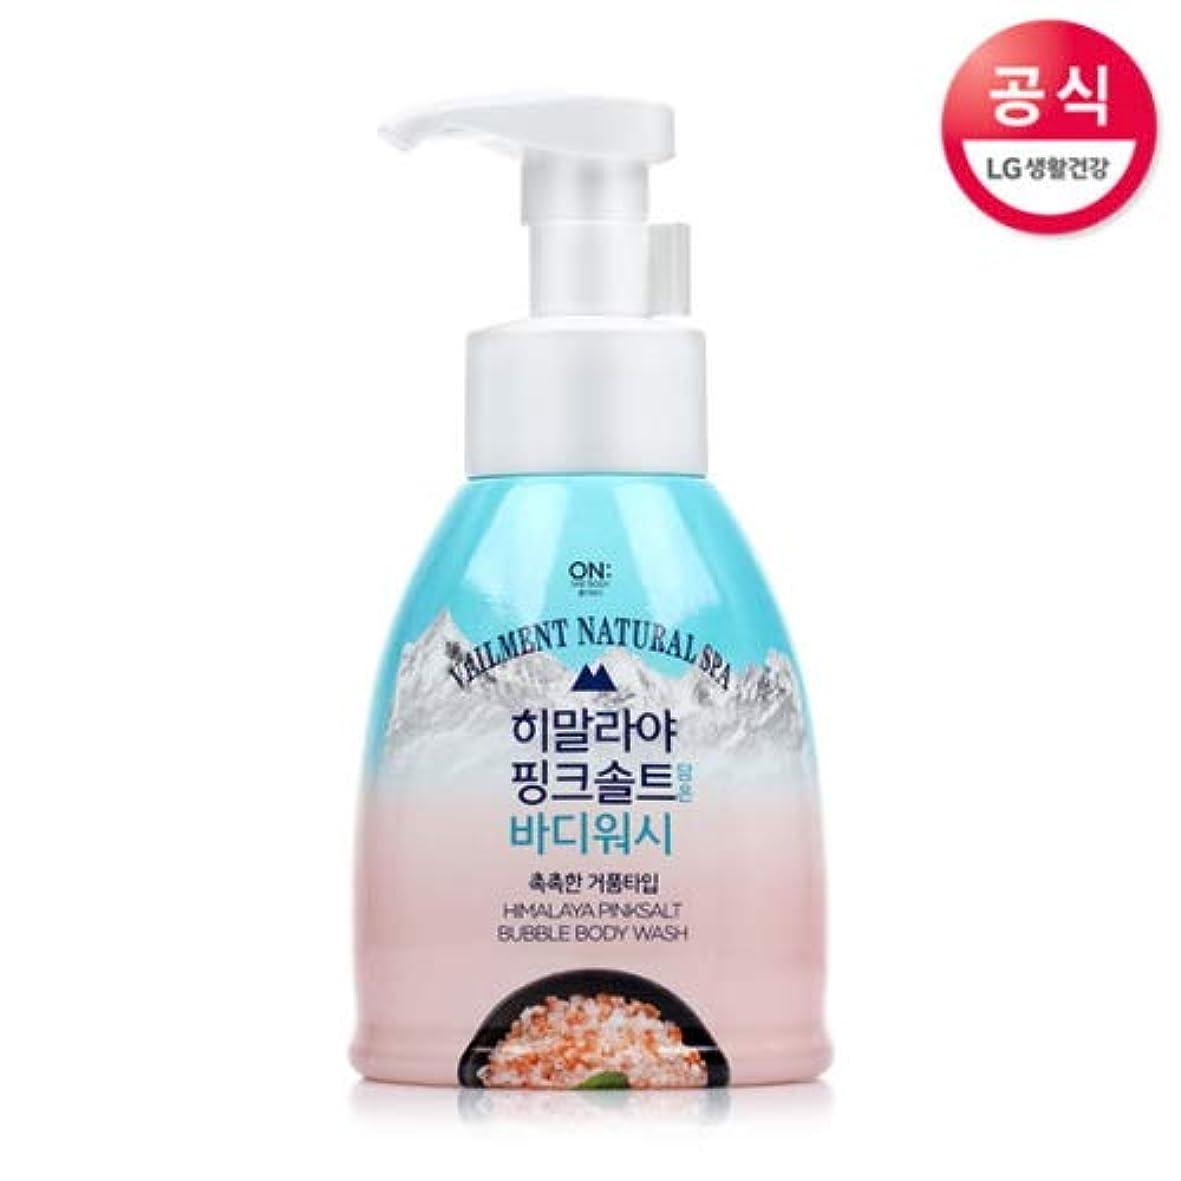 前奏曲発掘するボンド[LG HnB] On the Body Himalayan Pink Salt Bubble Body Cleanser/オンザボディヒマラヤピンクソルト、バブルボディクレンザー 540ml x1個(海外直送品)